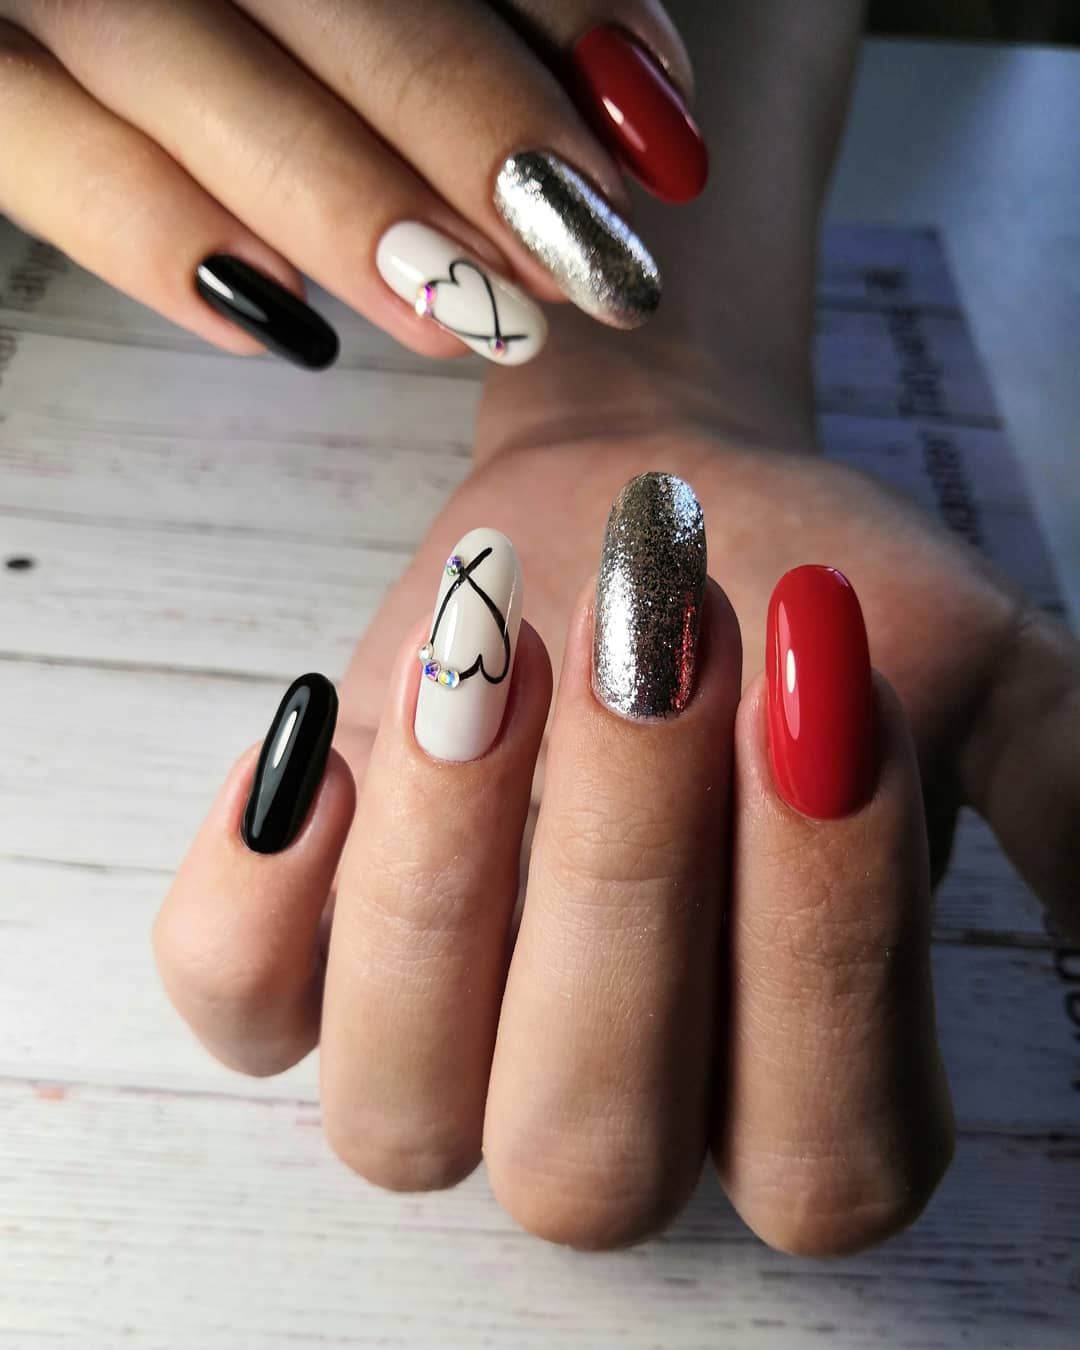 Контрастный маникюр с сердечком и серебряными блестками на длинные ногти.